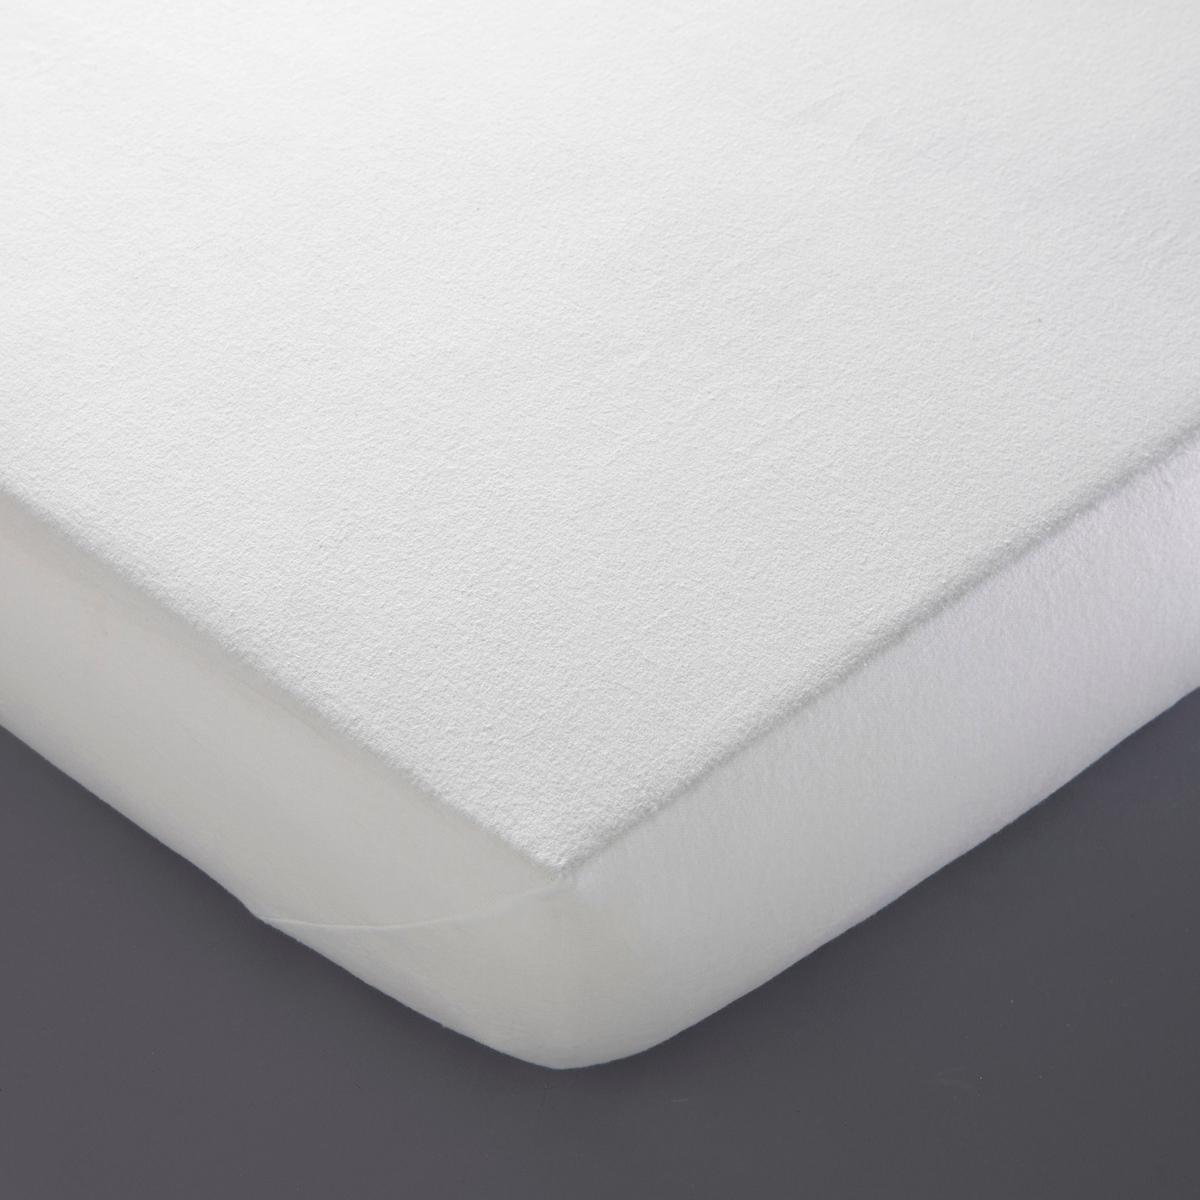 Чехол защитный для матраса из мольтонаХарактеристики :- Белый- 100% хлопок- Начес с 2 сторон- Вес 195 г/м2- Стирка при 95°<br><br>Цвет: белый